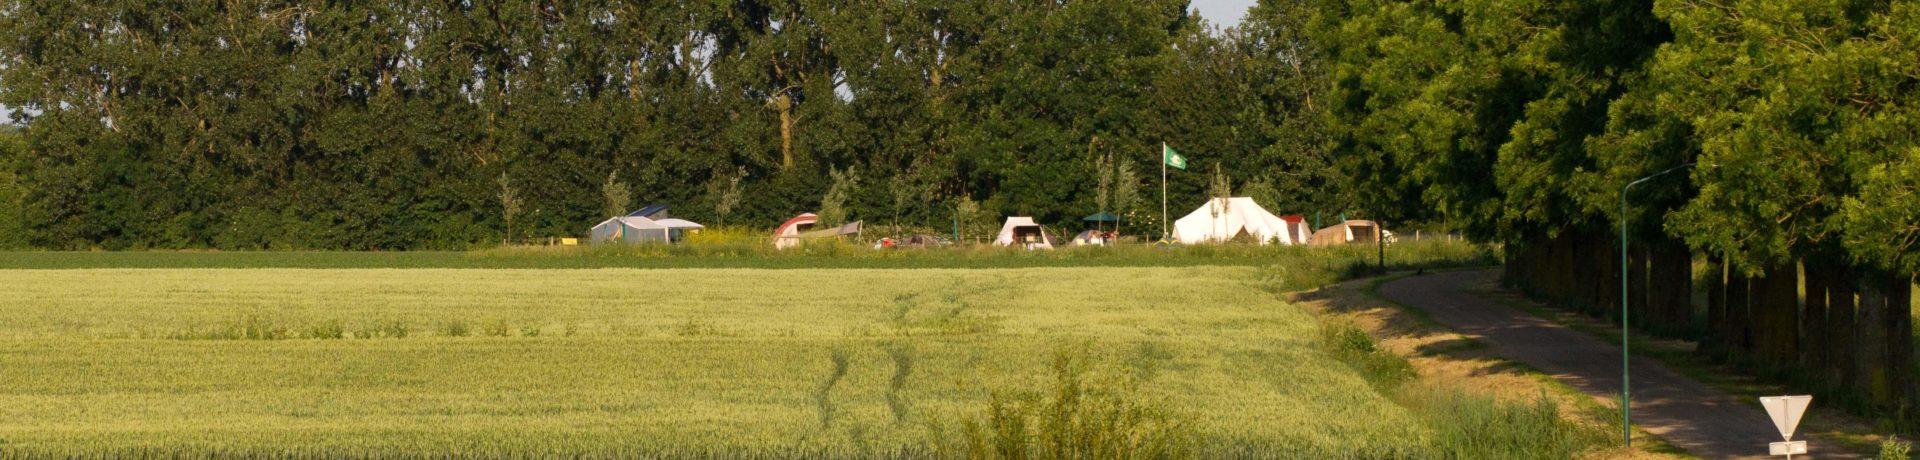 Camping de Maasakker is een rustige natuurcamping in de provincie Noord-Brabant in de uiterwaarden van de Maas.